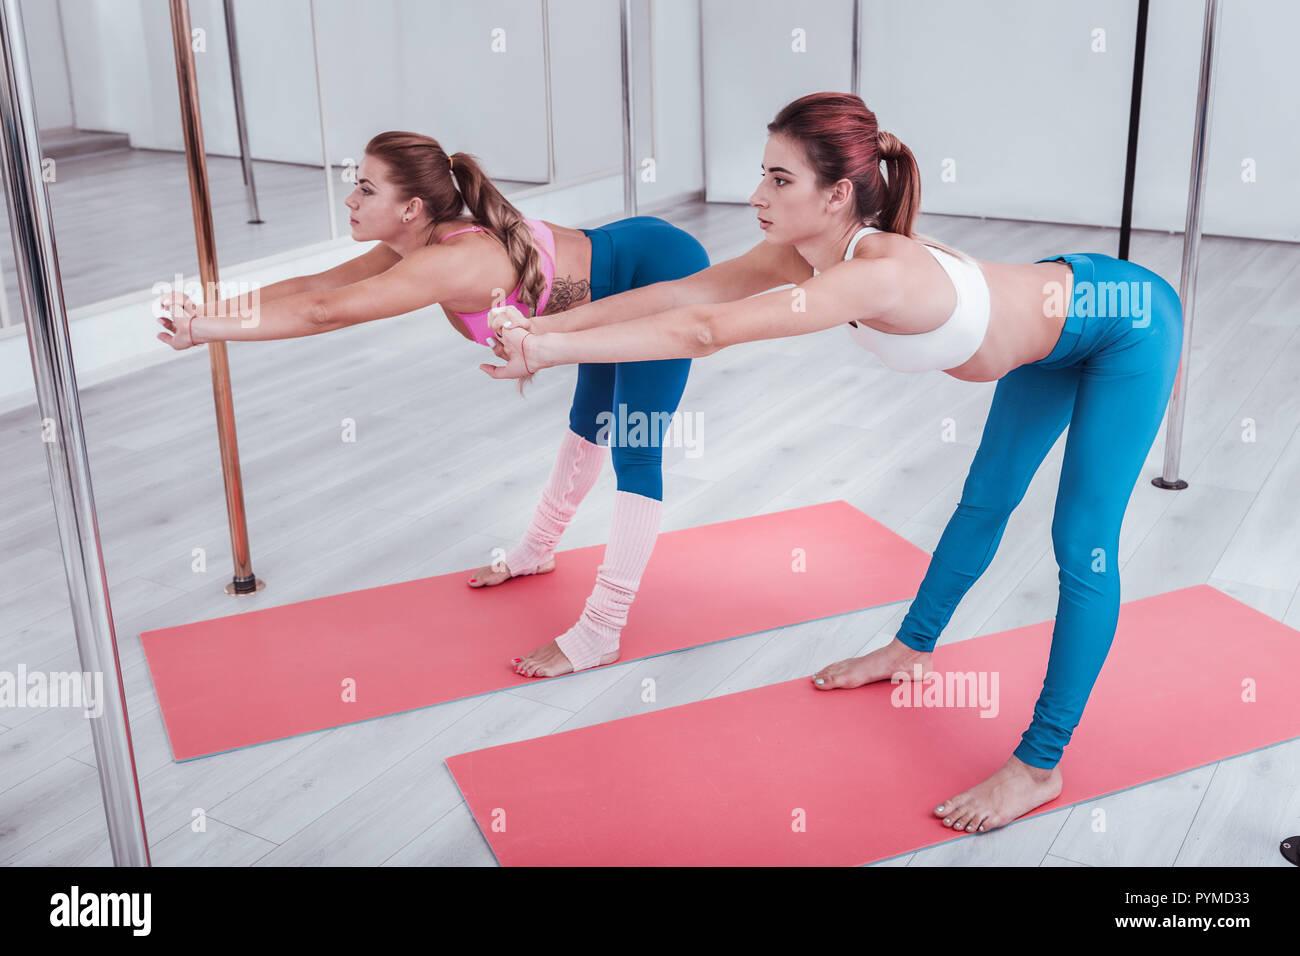 Zwei Pole Tänzer ihre Beine und Rücken dehnen in Pole Dance Studio Stockbild